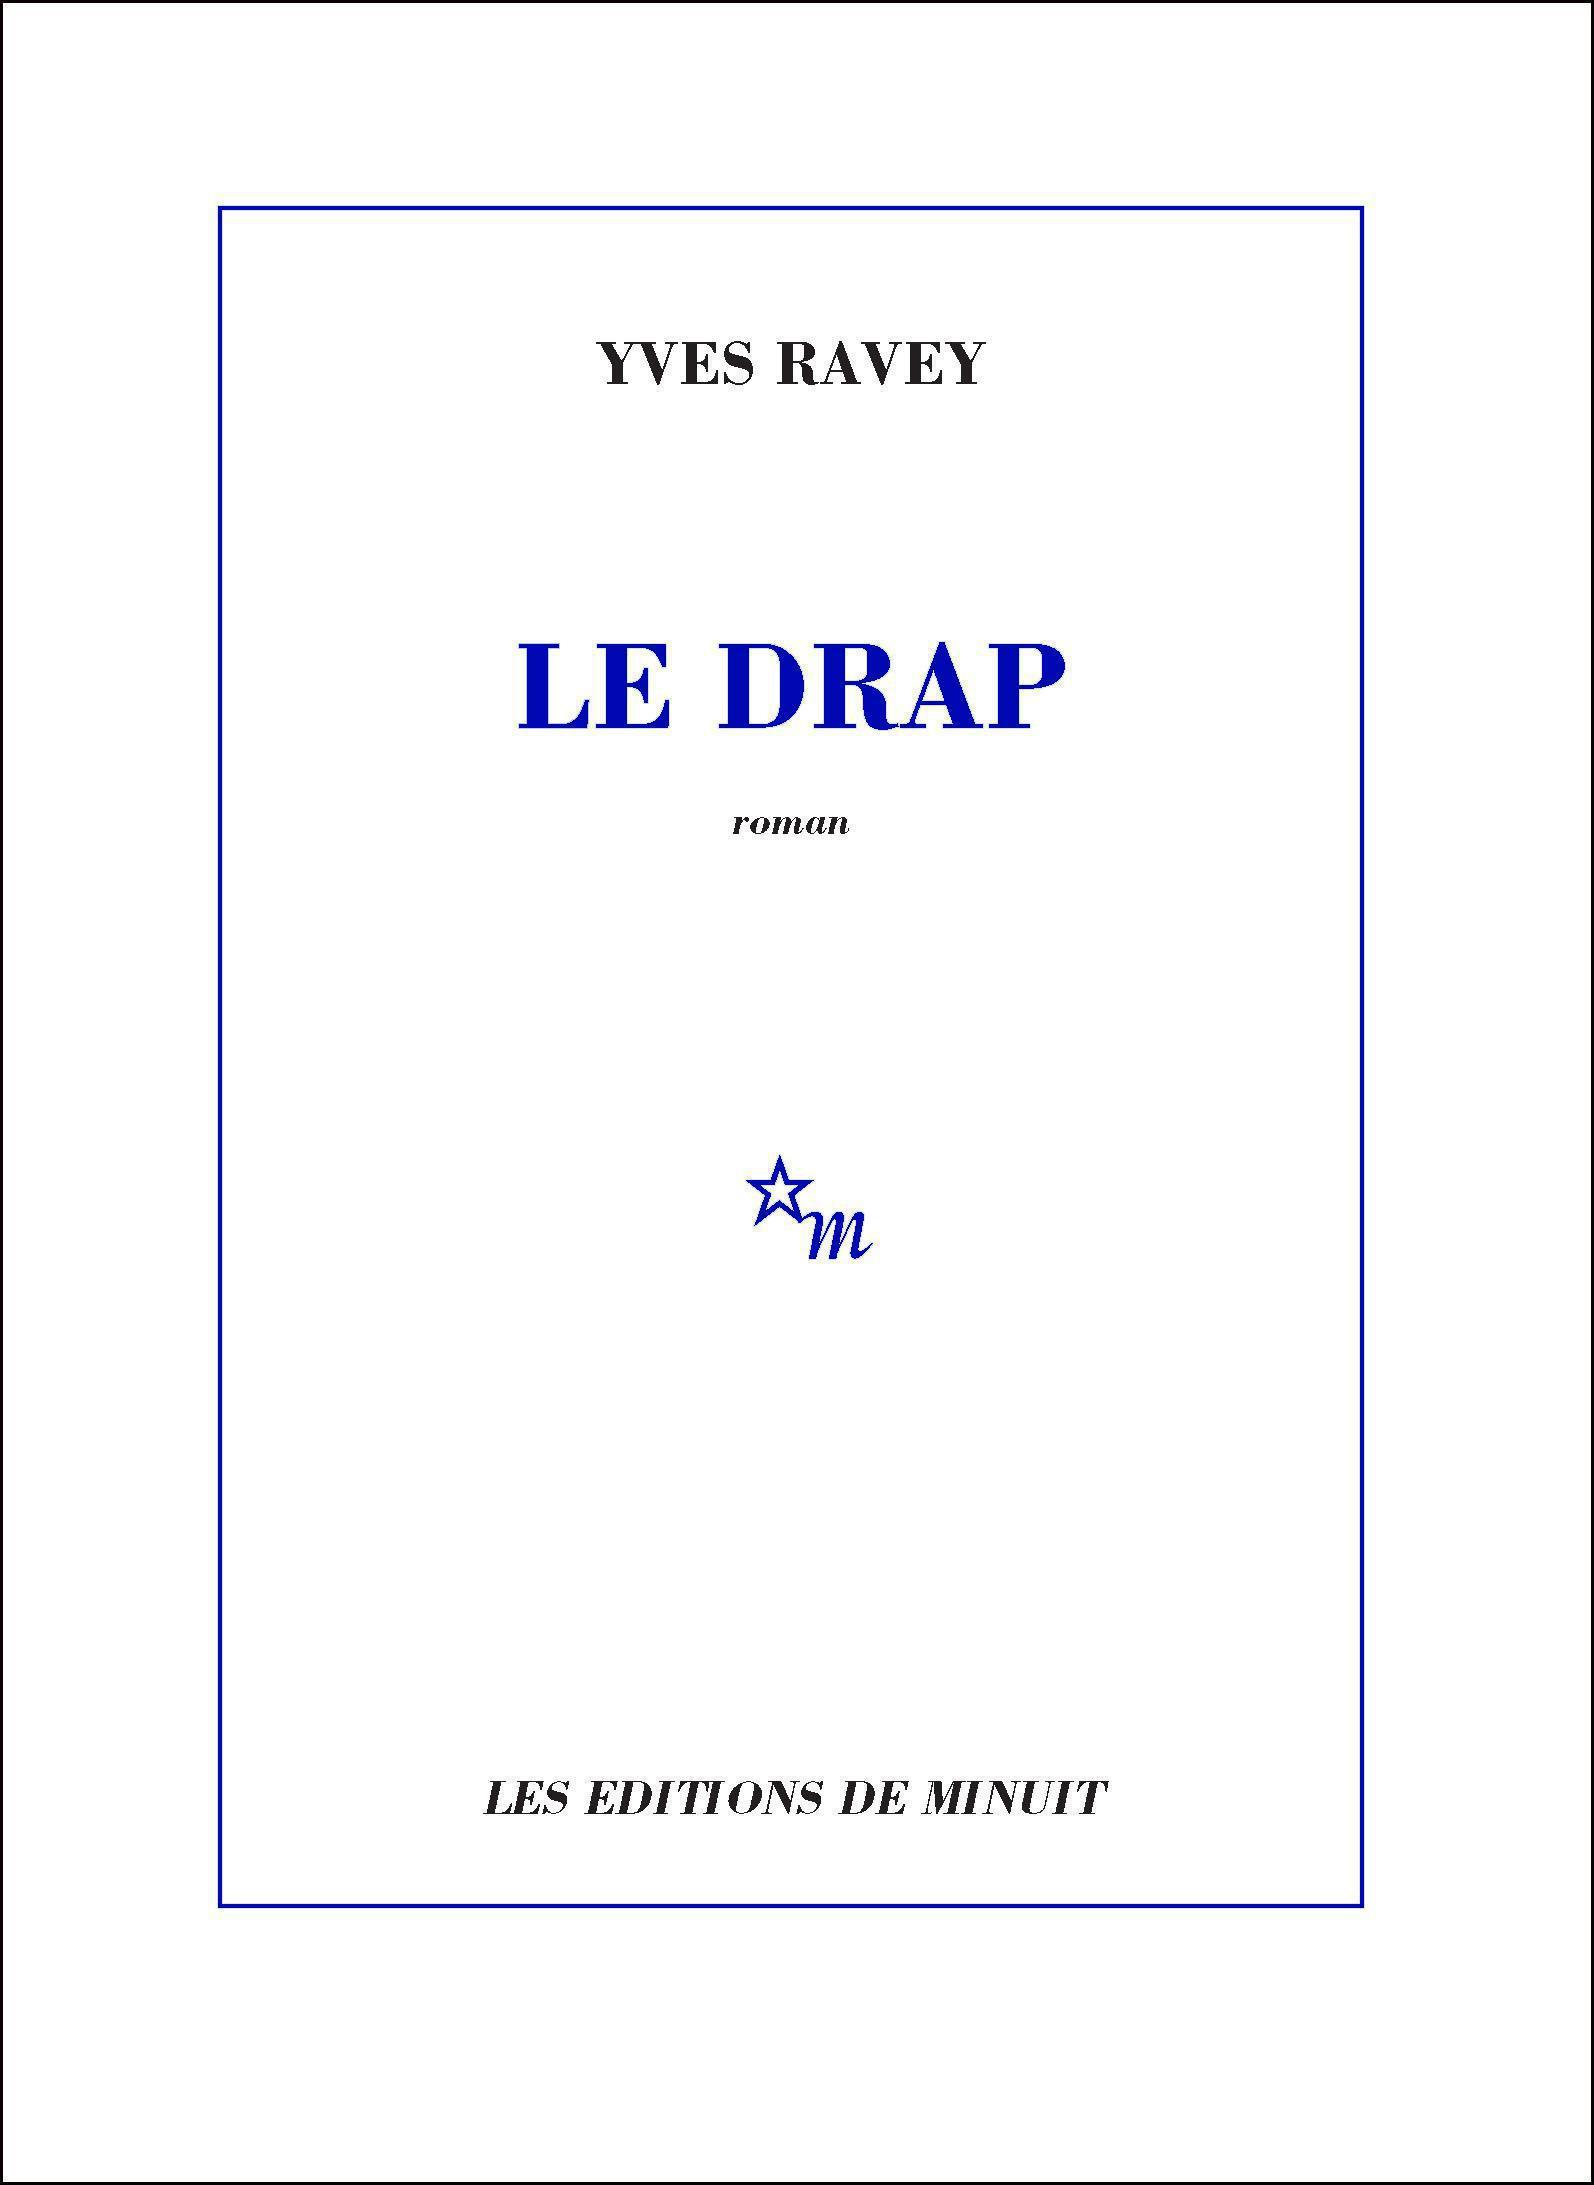 Le Drap